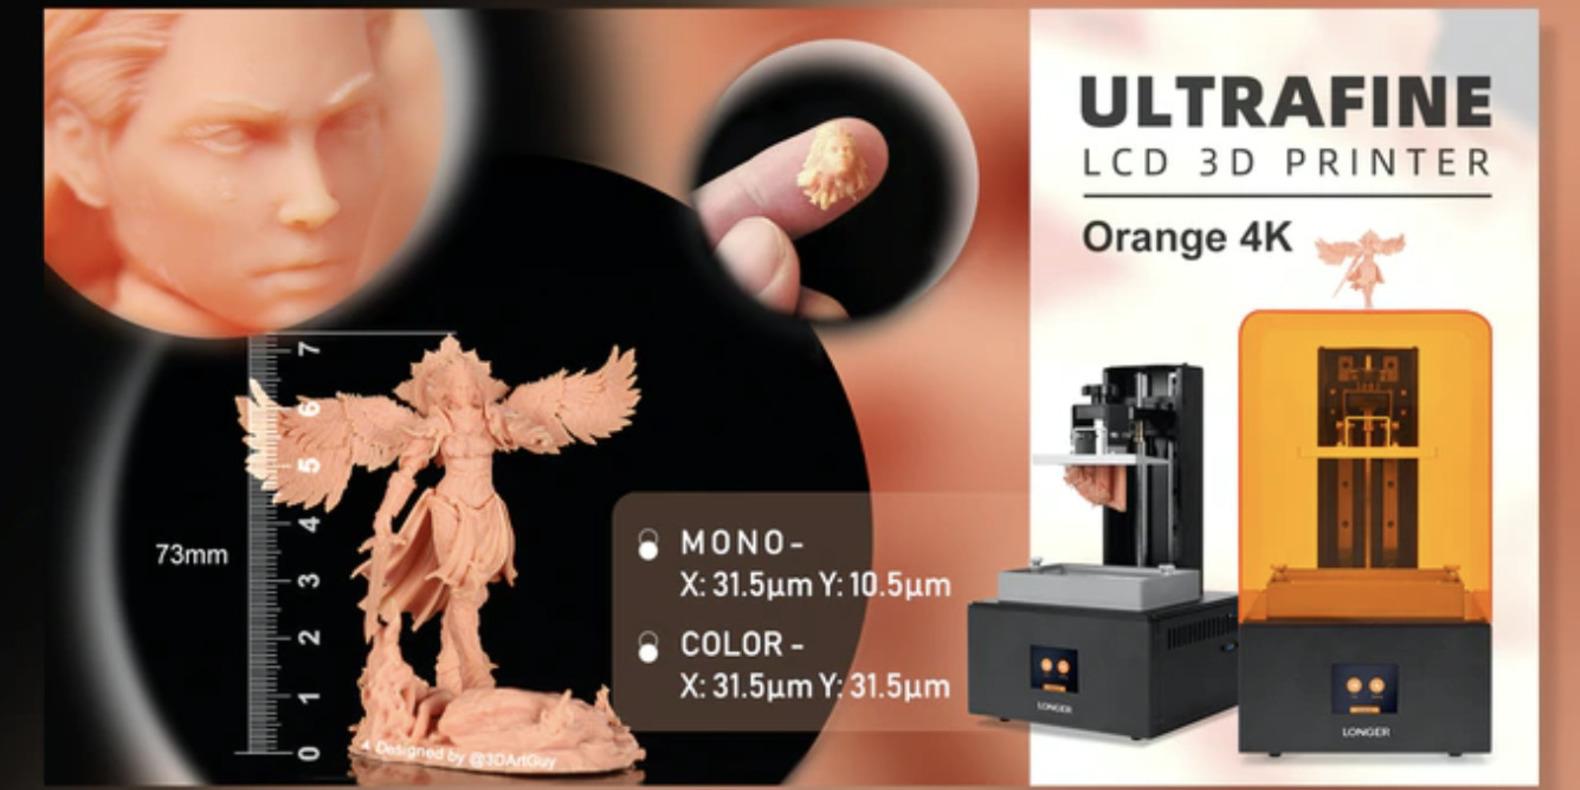 Lancement d'une imprimante 3D résine 4K atteignant les 10/31 microns subpixel sur Kickstarter : la Longer Orange